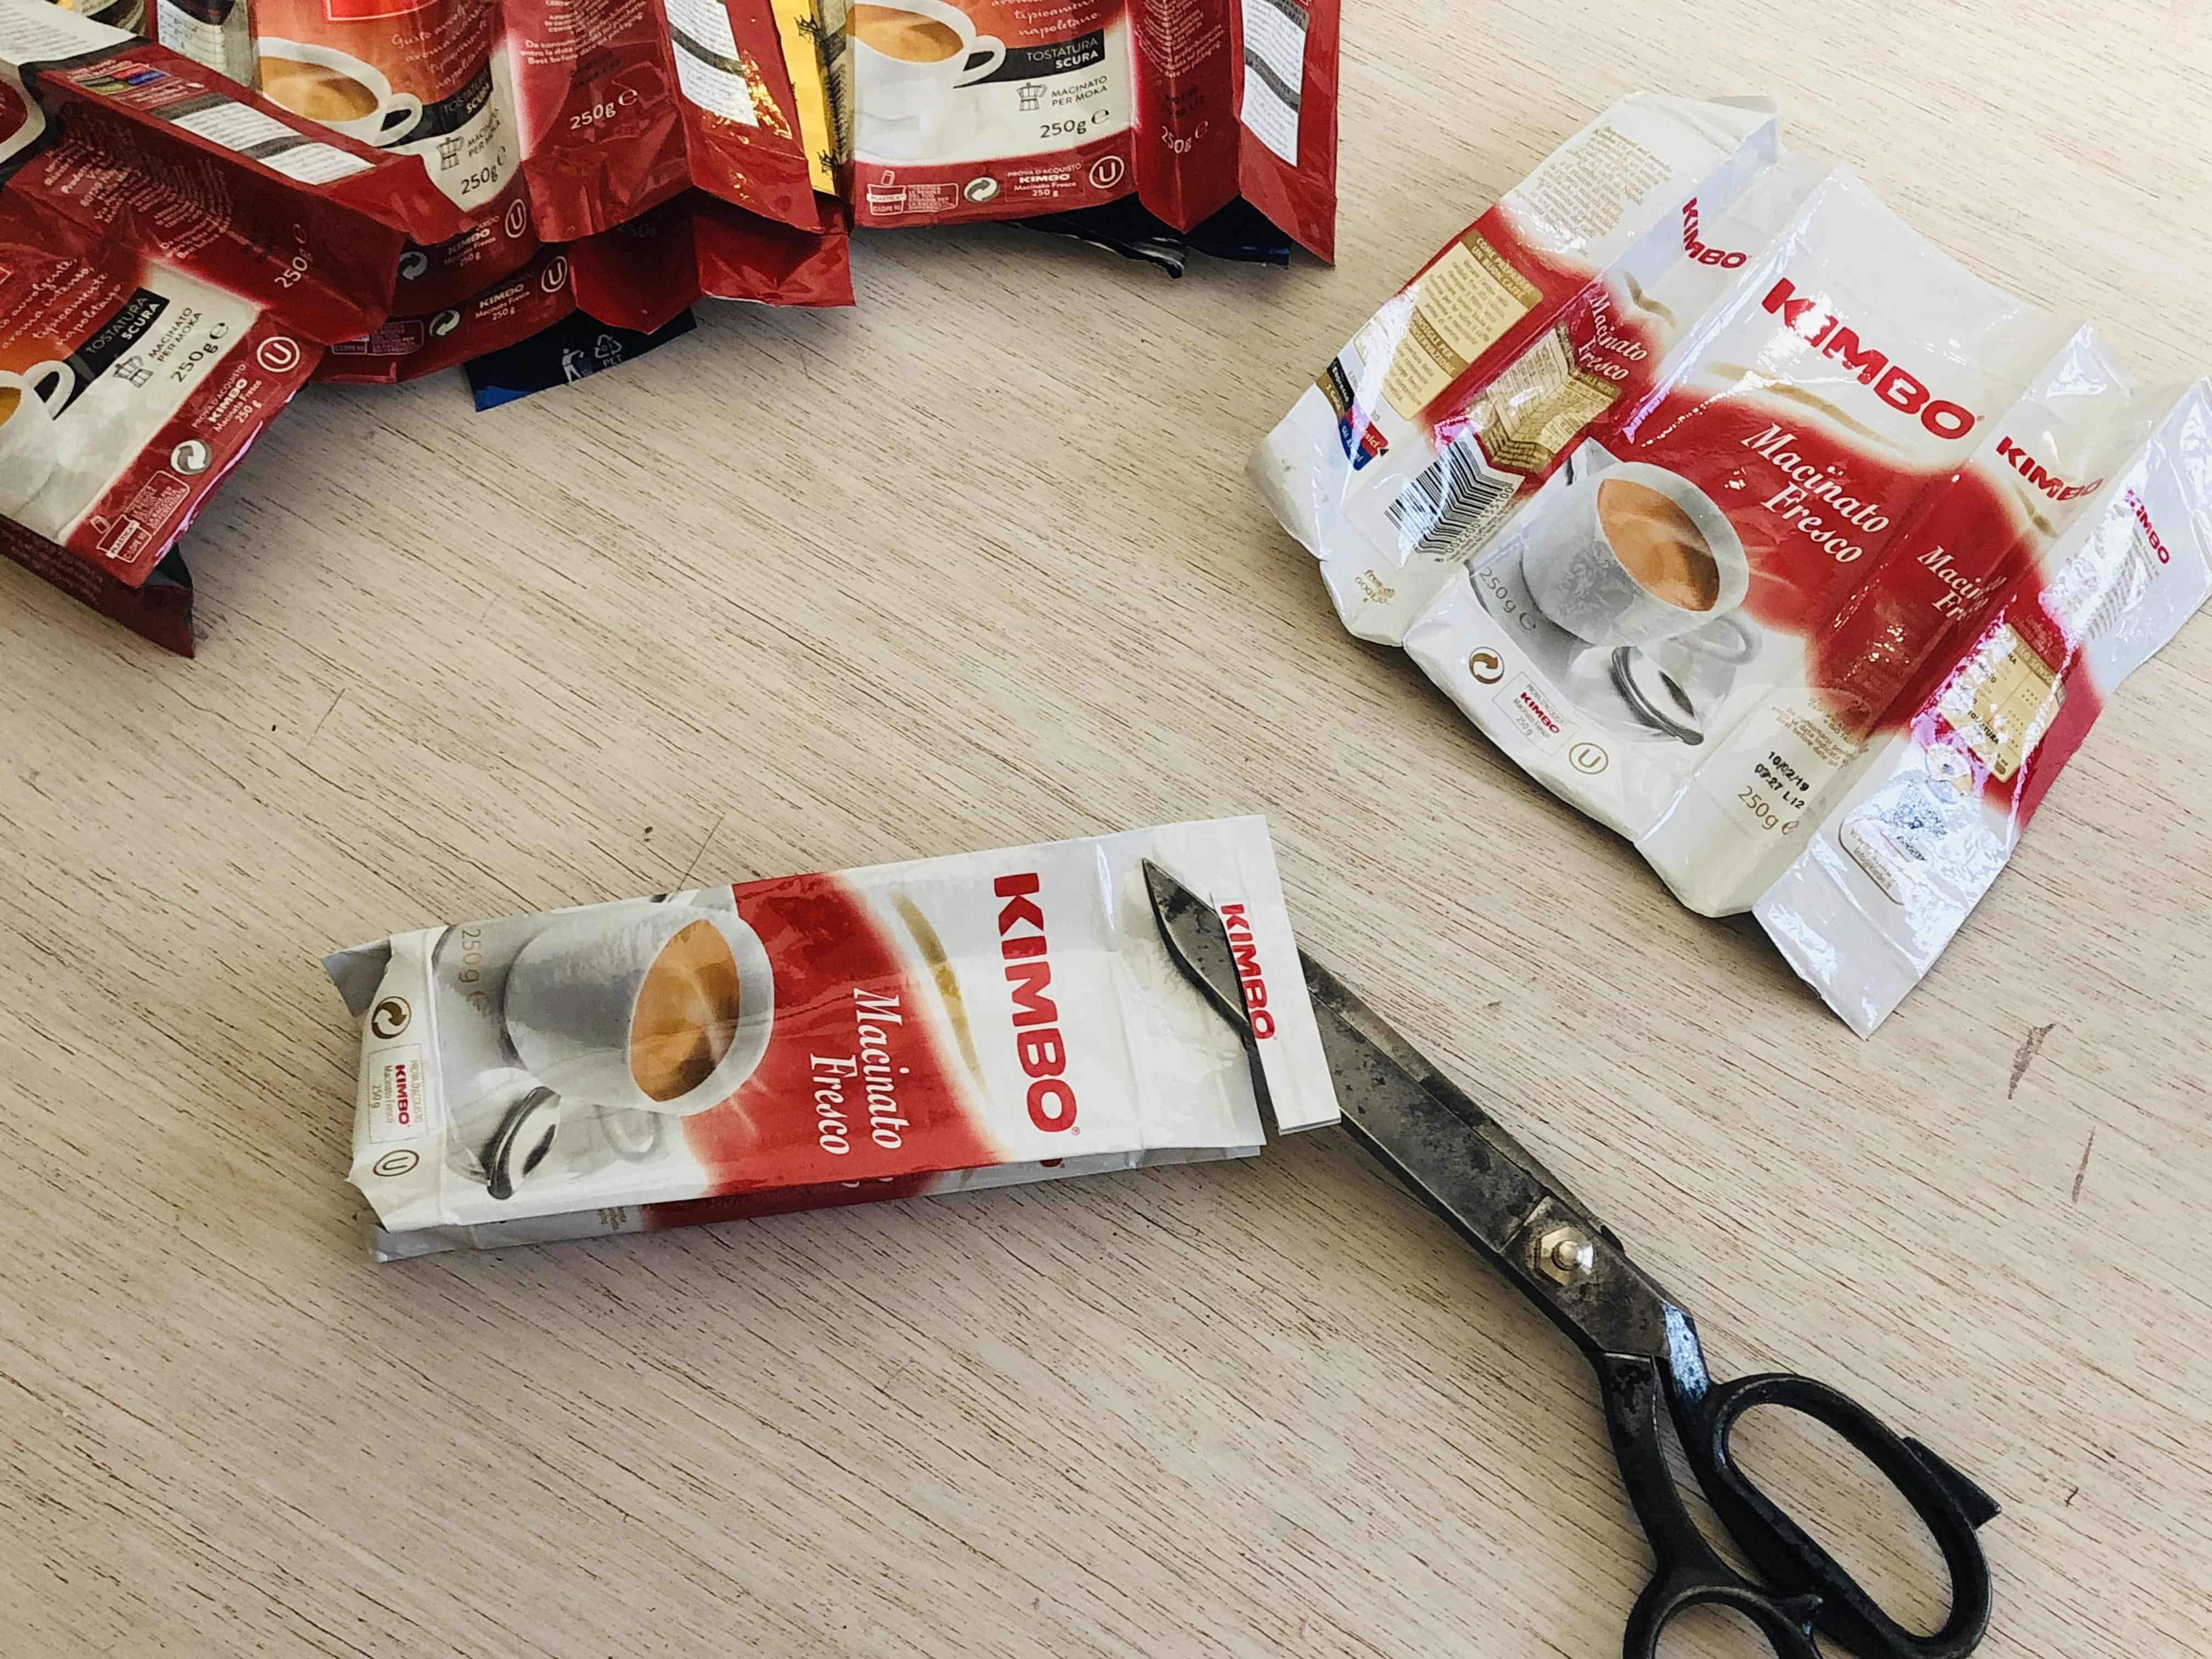 taglio delle confezioni del caffè